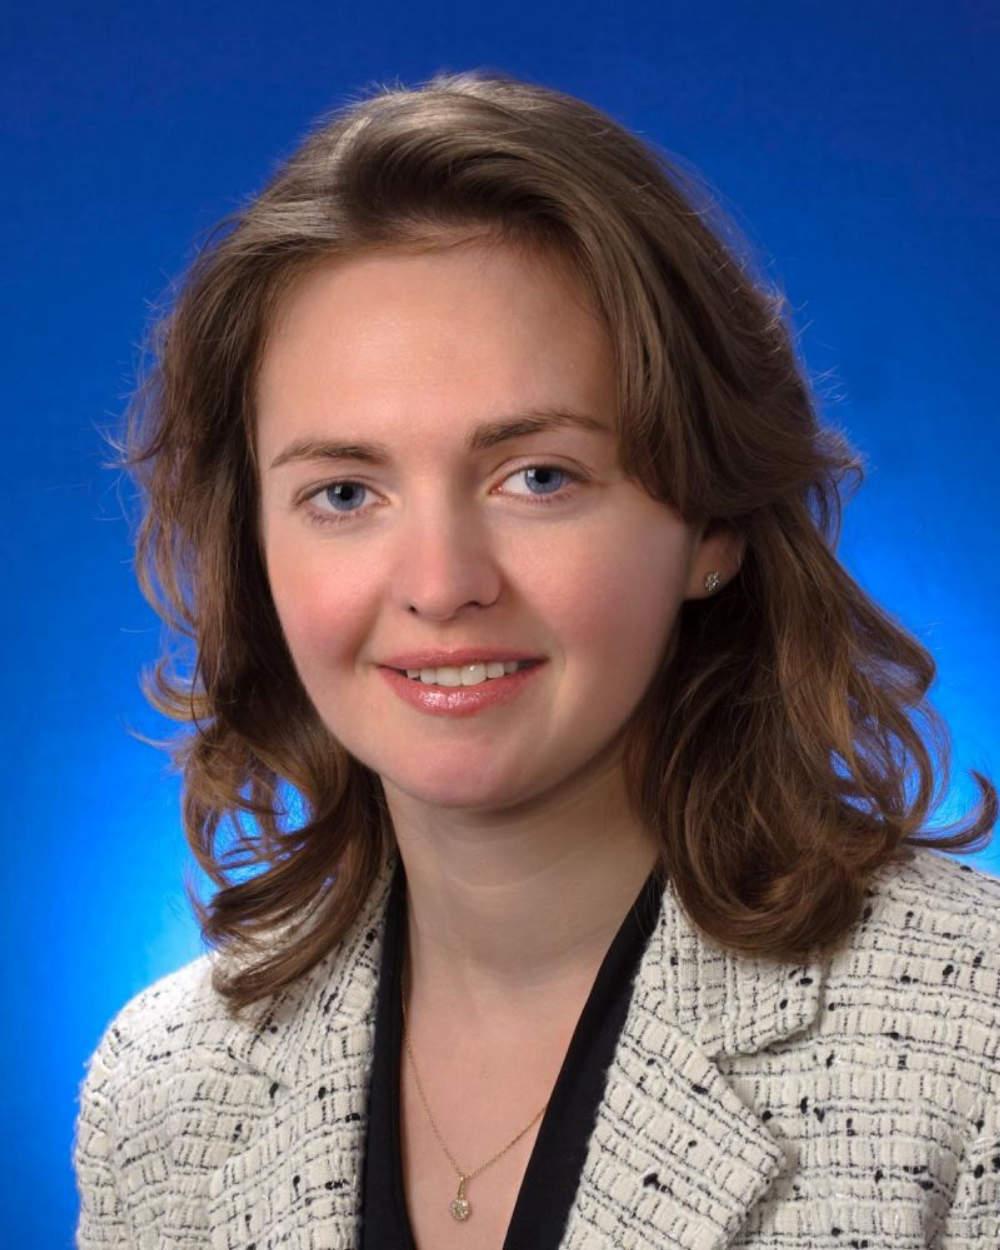 Kateřina Maštovská držitelkou ceny Harvey W. Wiley 2021